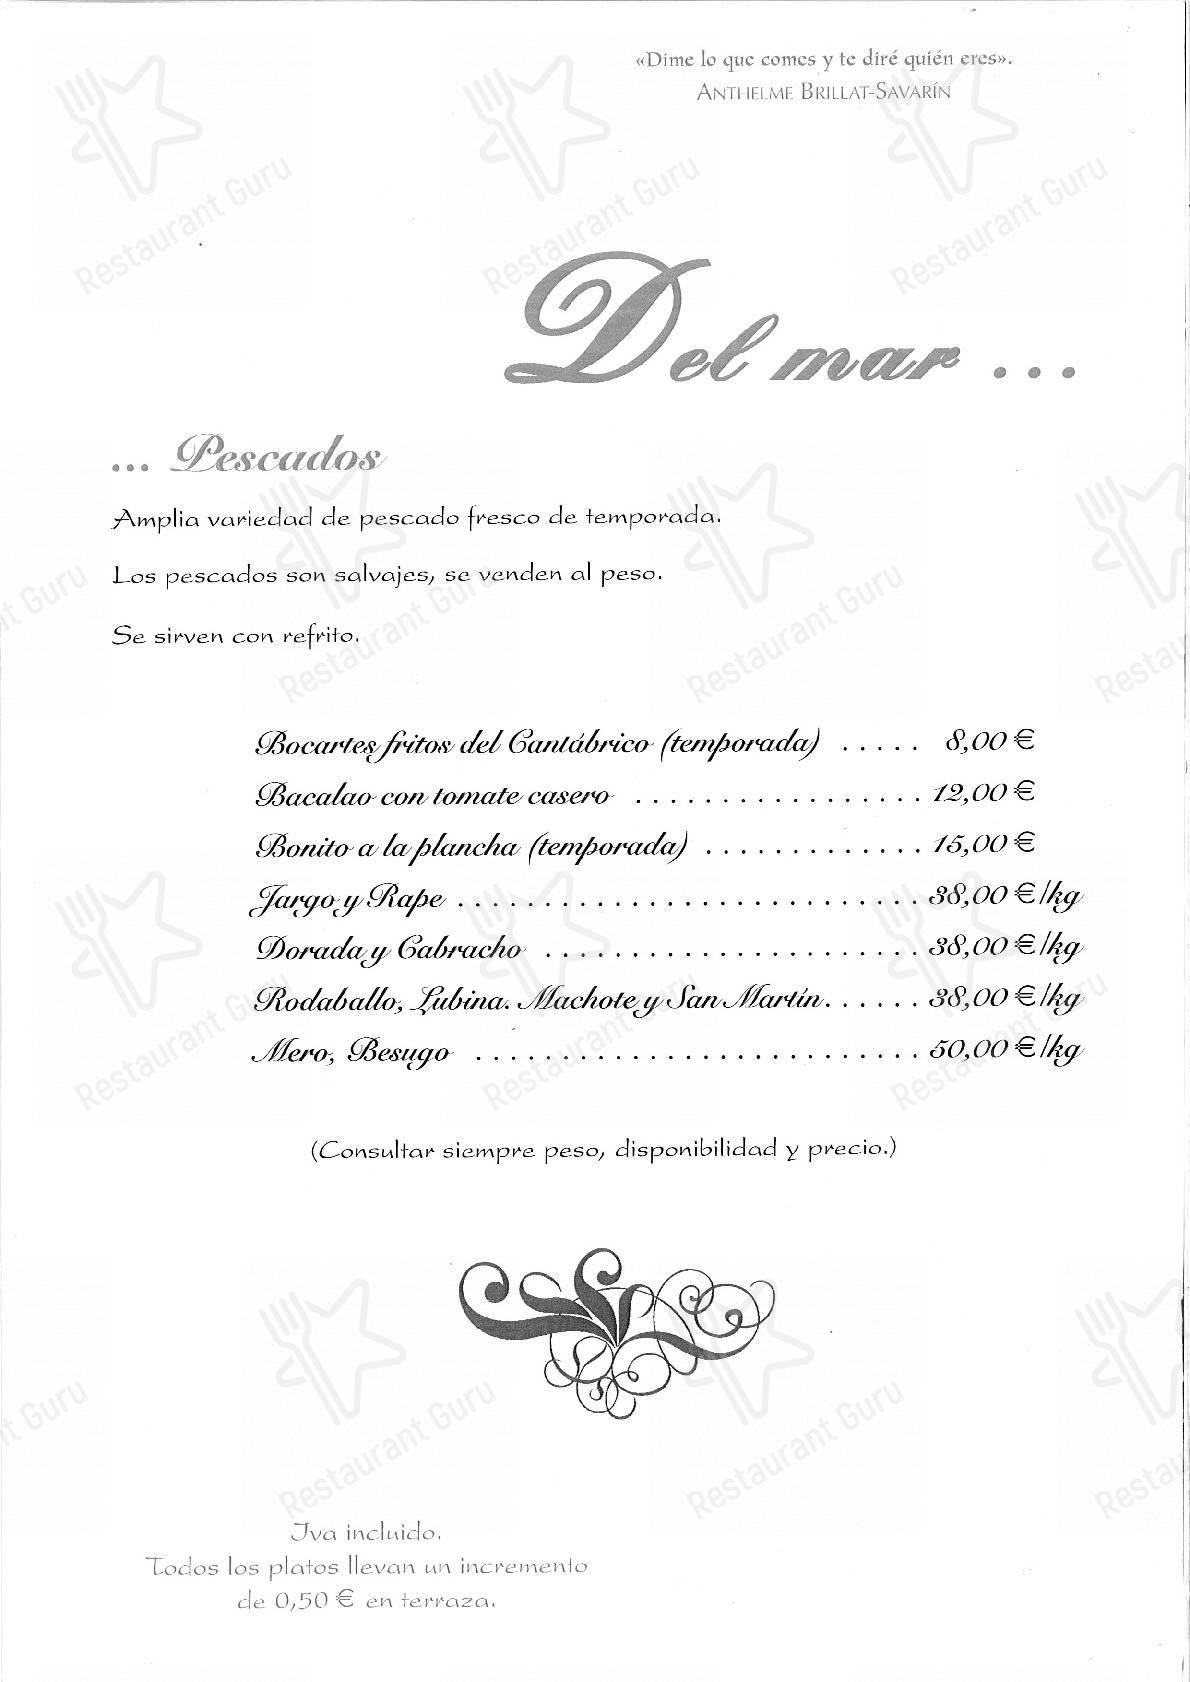 El Rincon de Zeto menu - meals and drinks